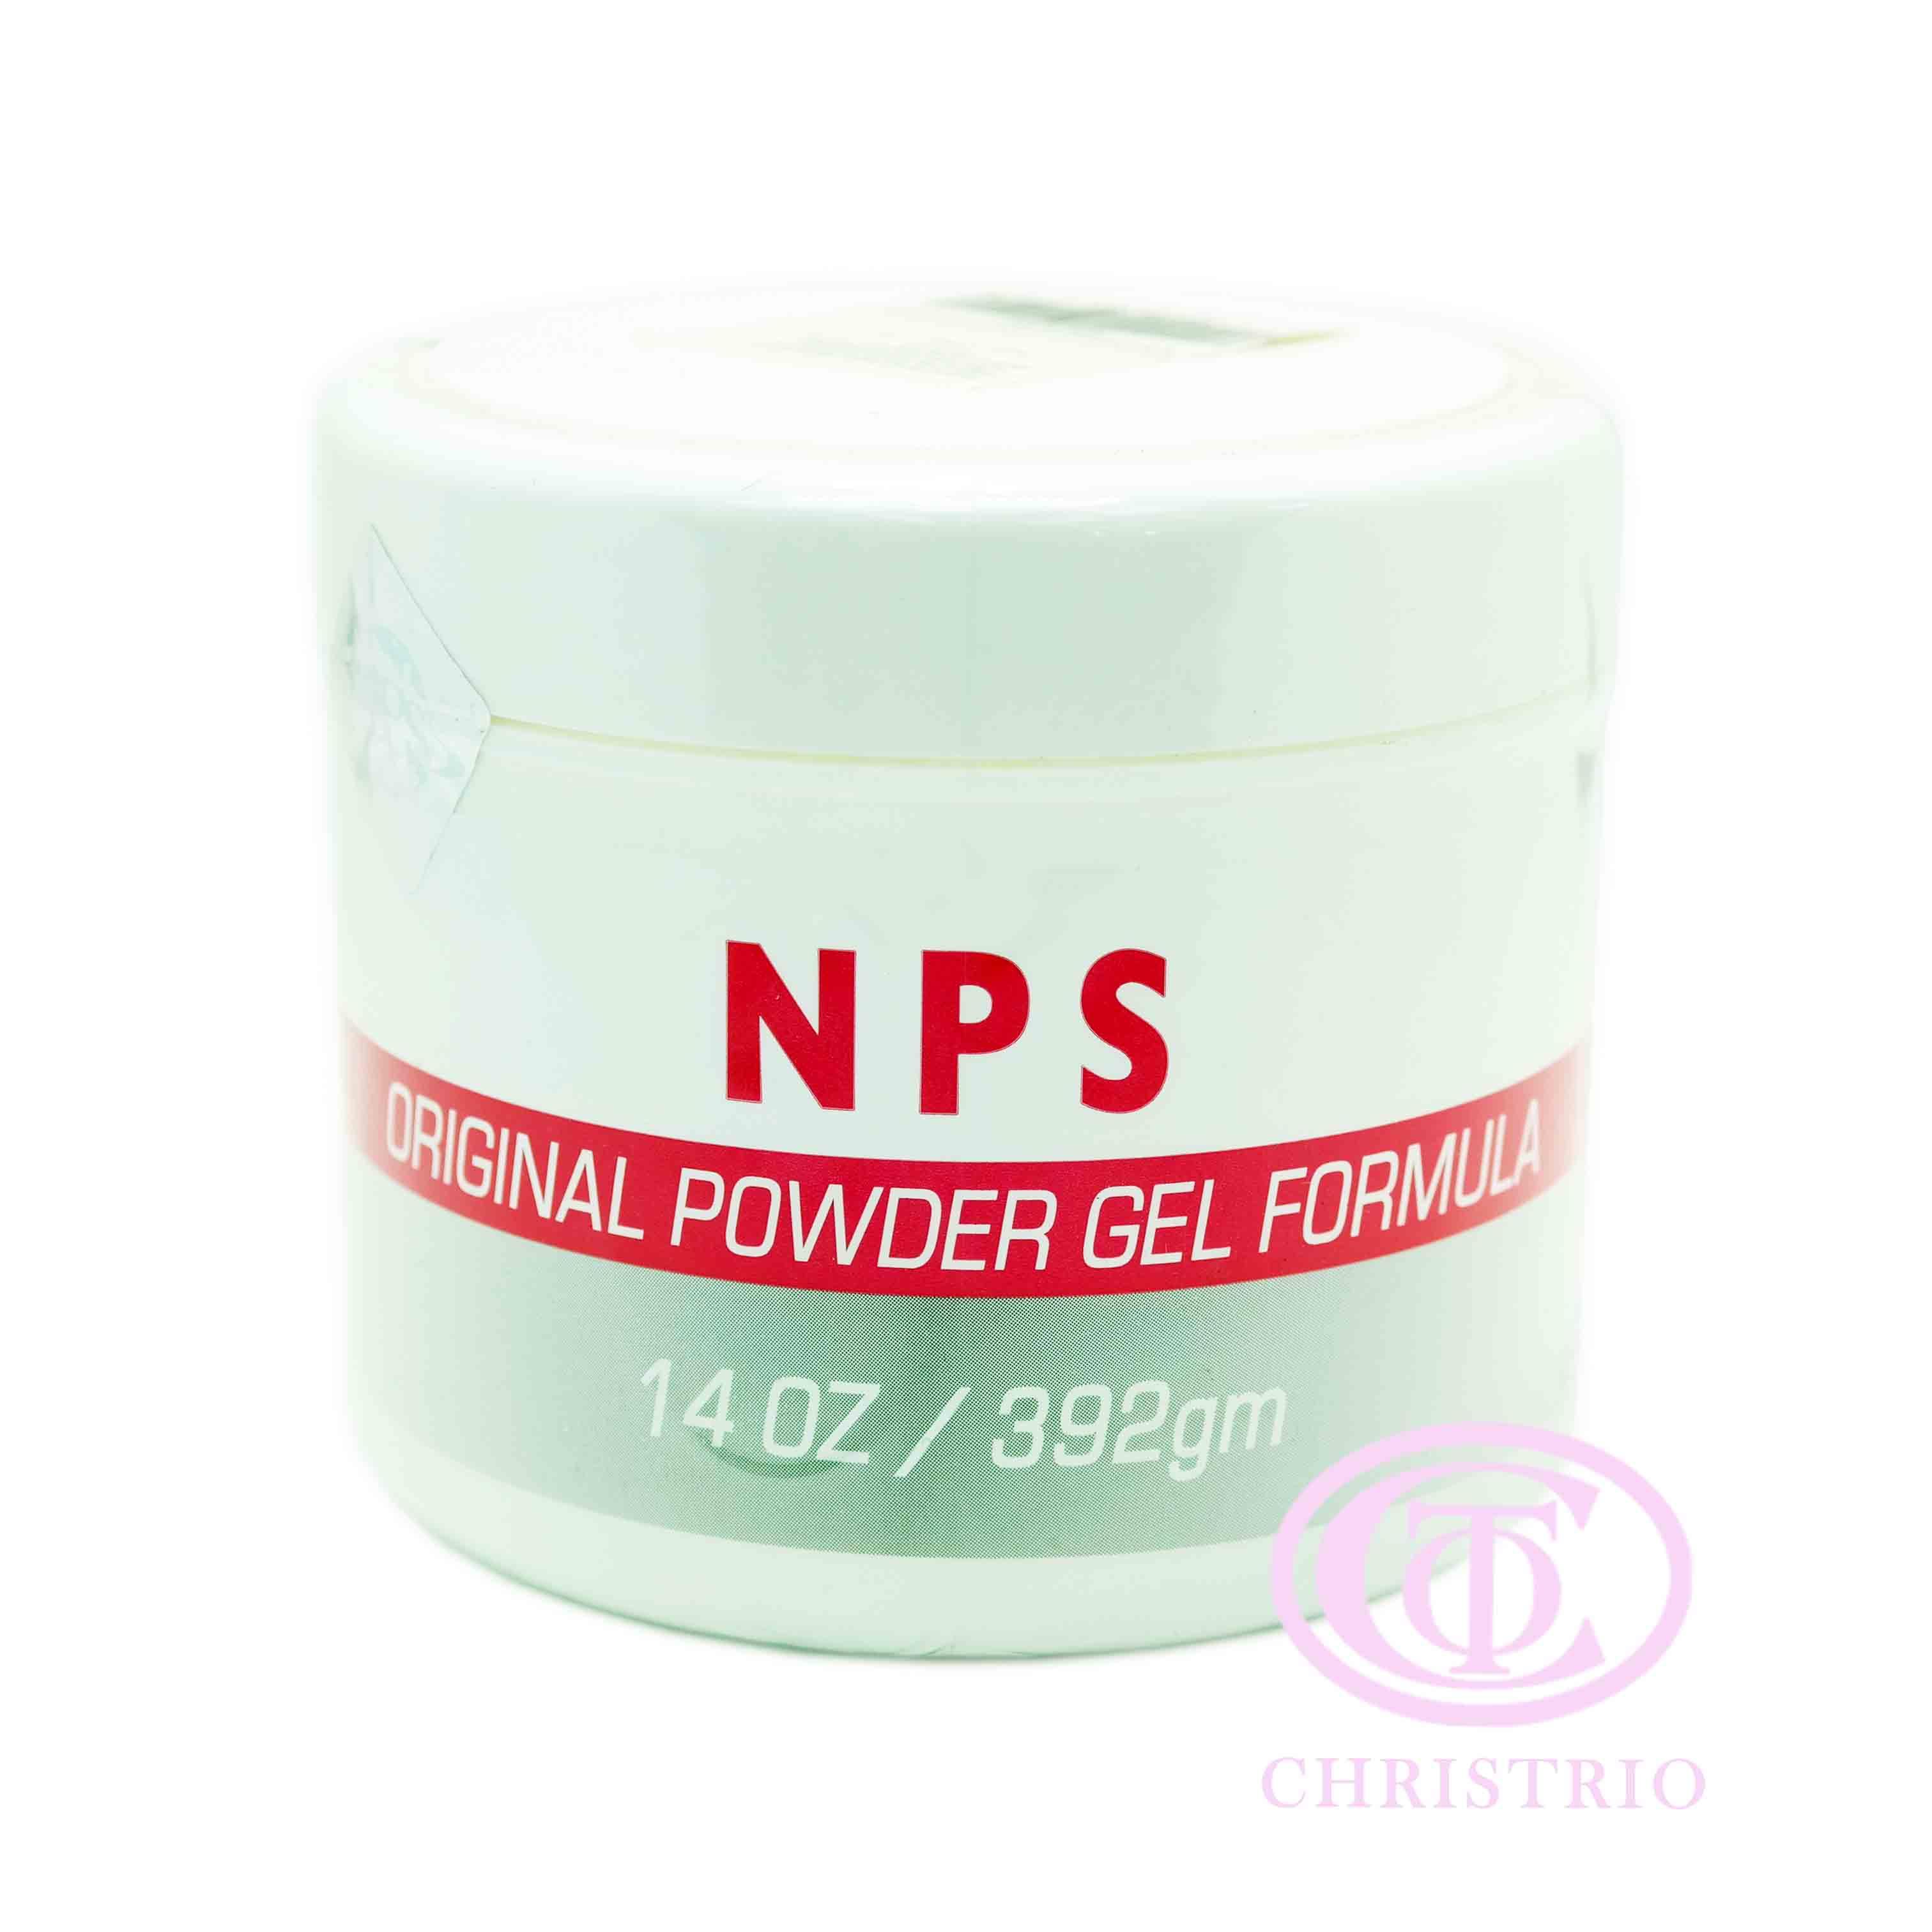 NPS powder